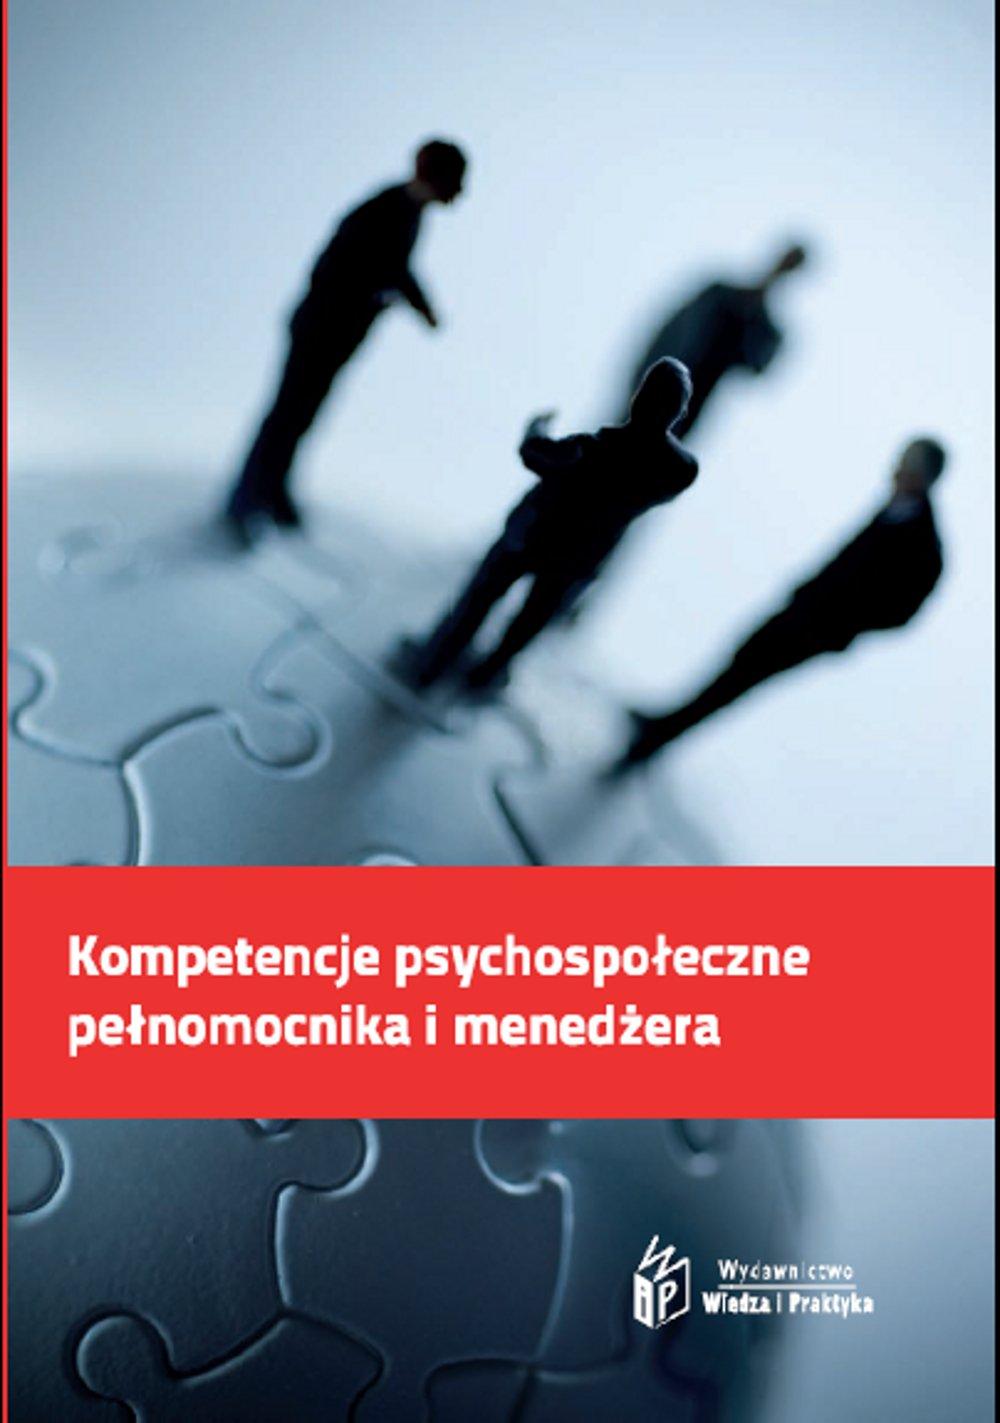 Kompetencje psychospołeczne pełnomocnika i menedżera - Ebook (Książka EPUB) do pobrania w formacie EPUB